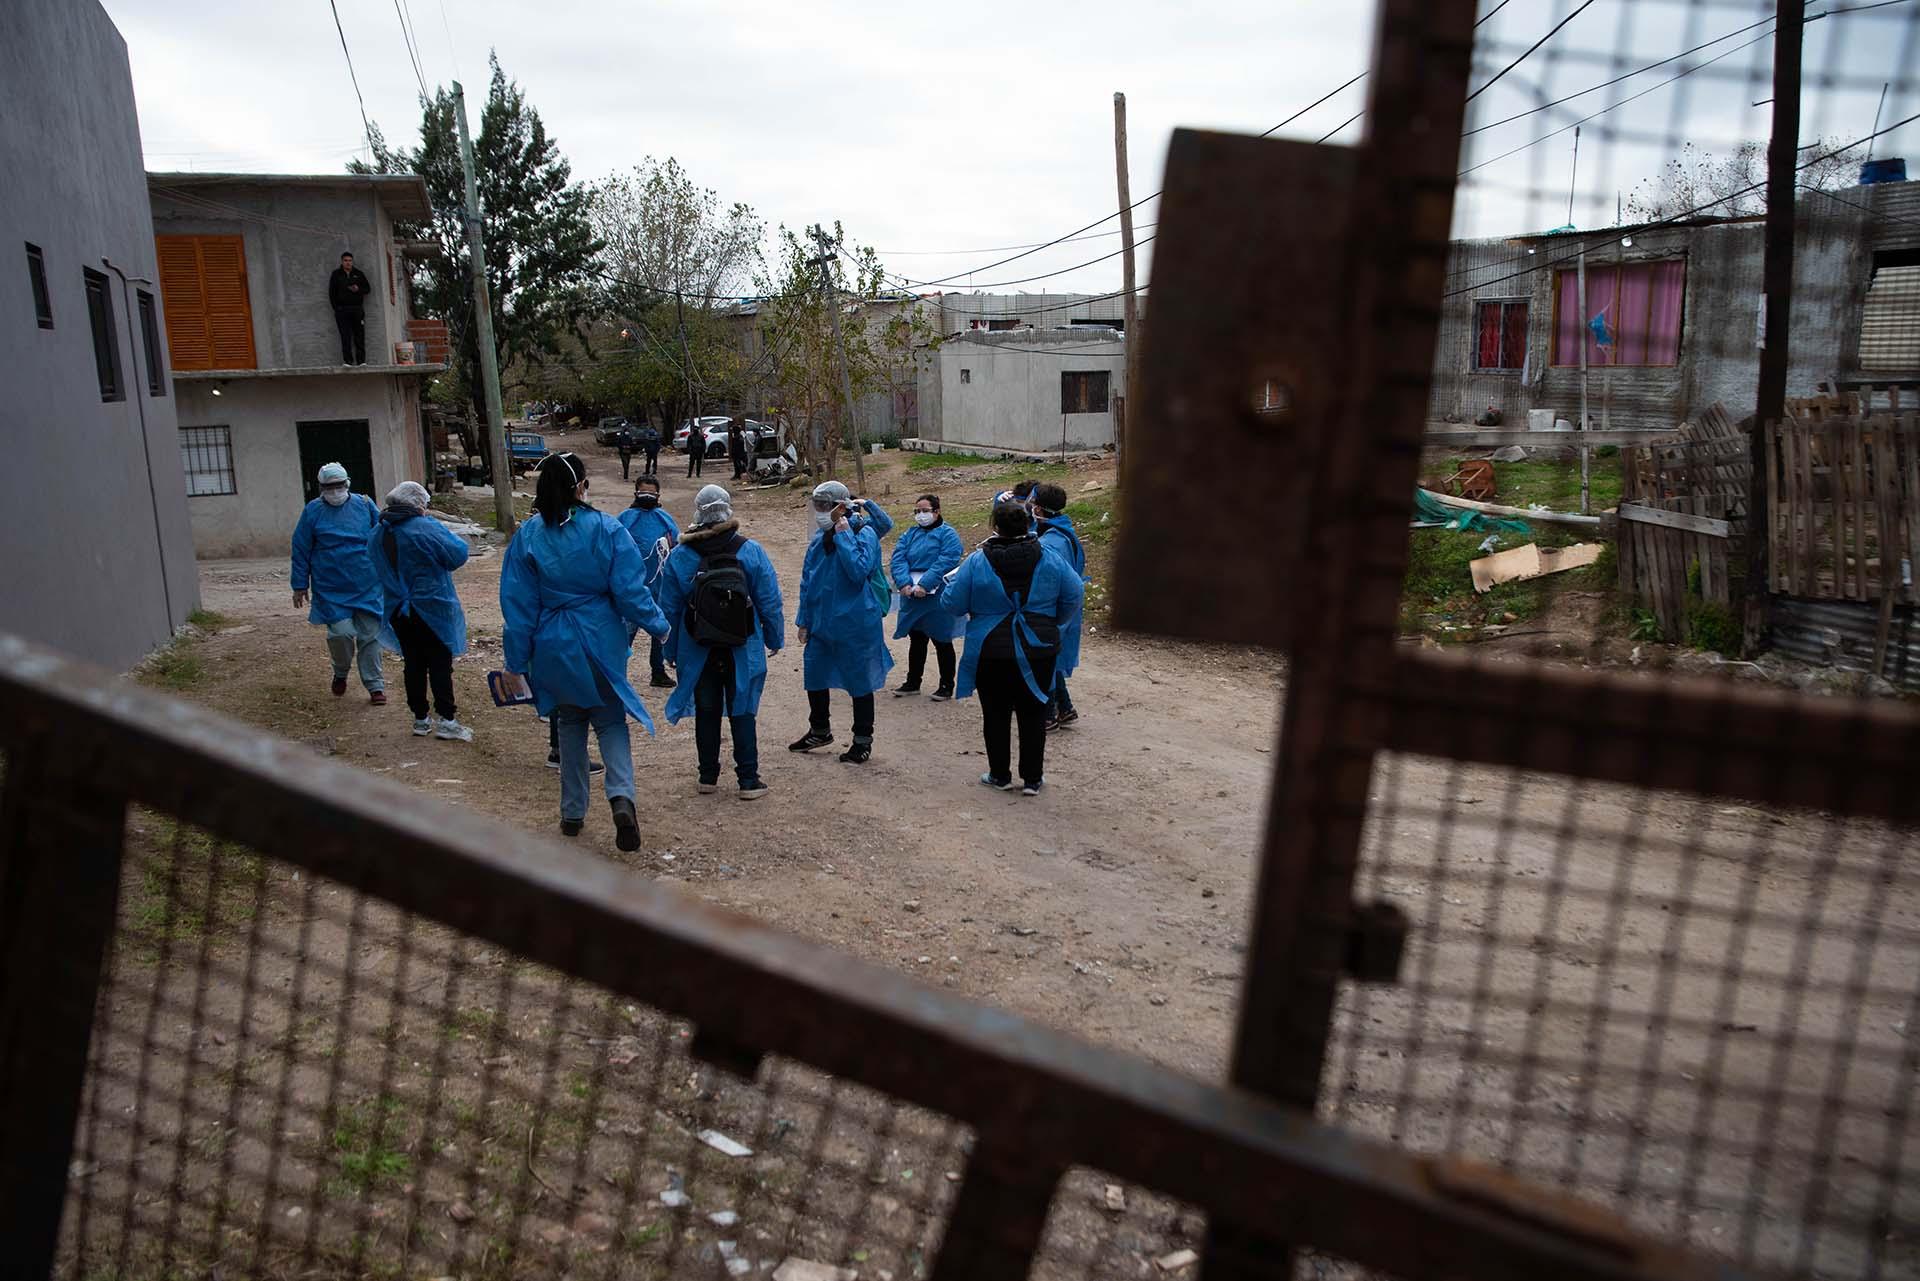 Decenas de promotores de la salud recorrieron la Villa Azul en busca de personas con síntomas de Covid-19 tras detectarse 53 casos positivos durante un fin de semana allá por mayo de 2020